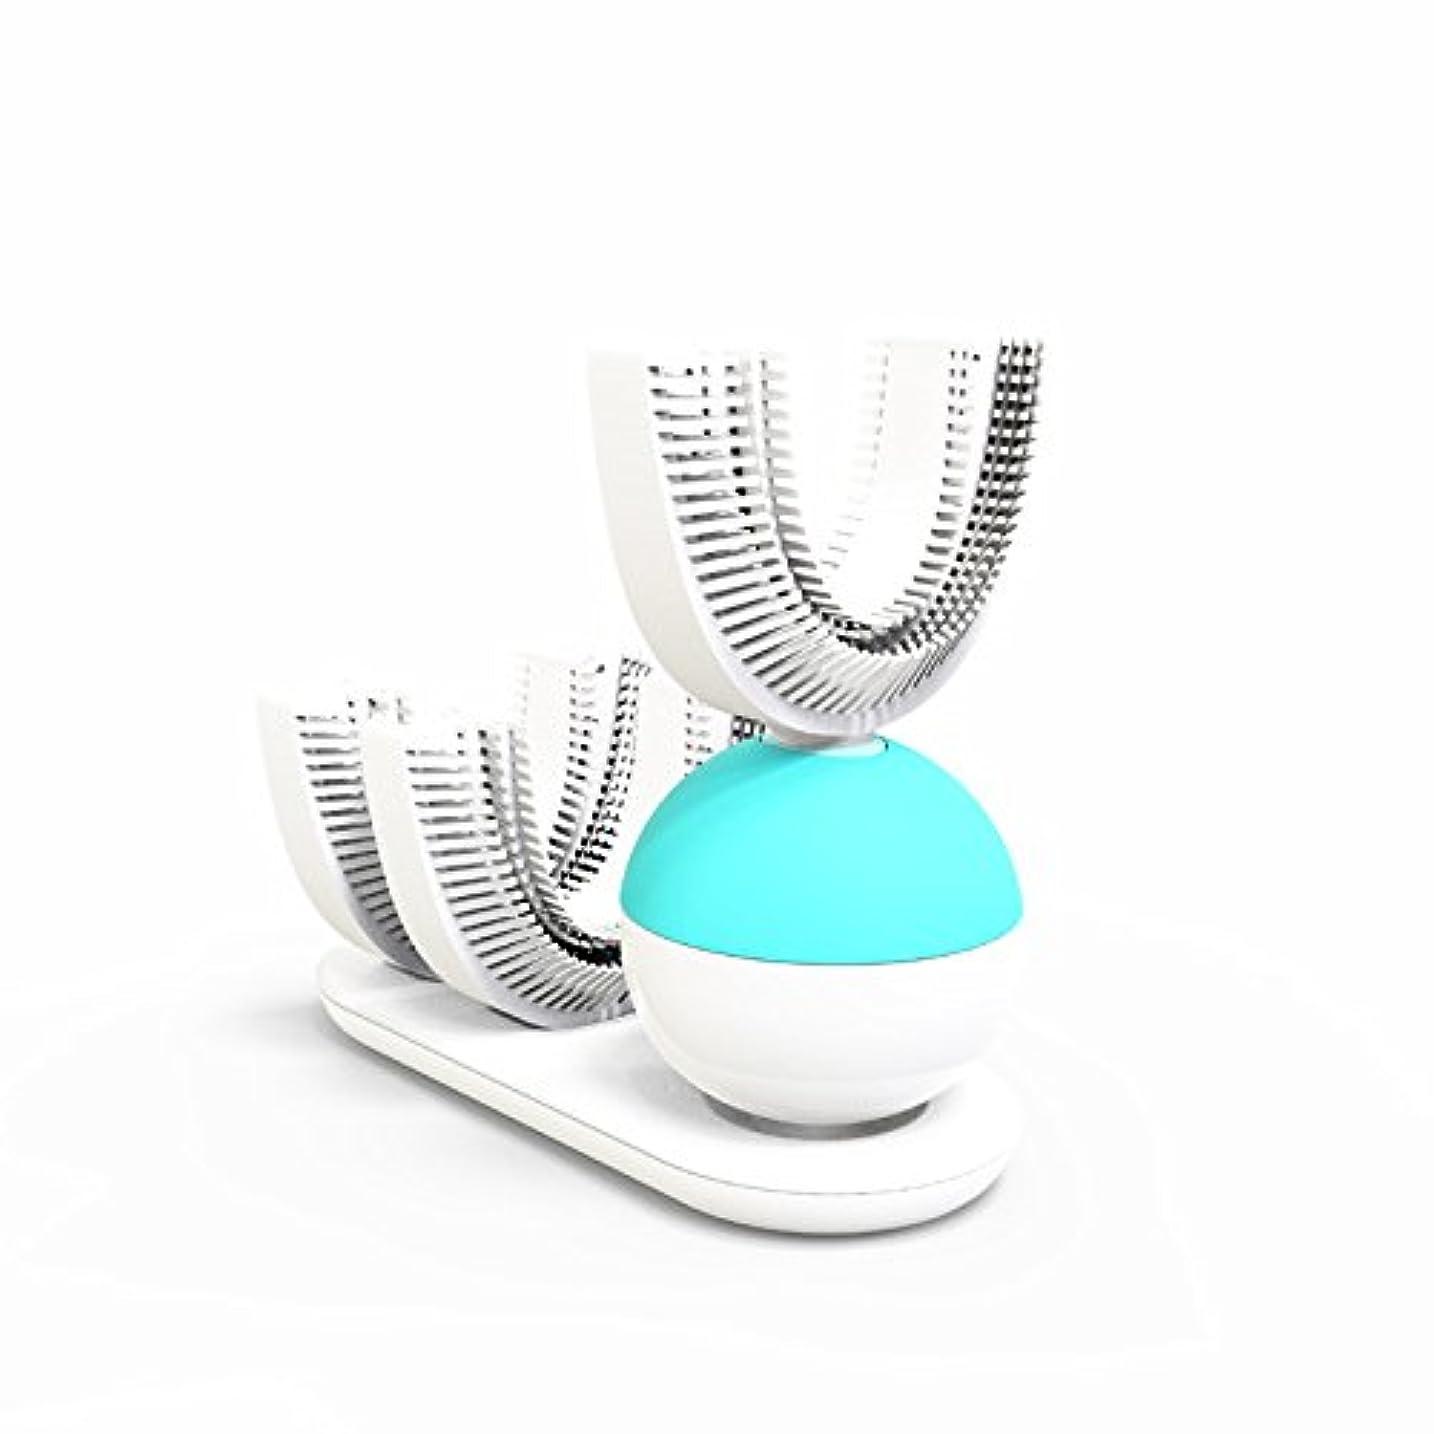 バイナリバイオリニスト食べる怠け者牙刷-電動 U型 超音波 専門370°全方位 自動歯ブラシ ワイヤレス充電 成人 怠け者 ユニークなU字型のマウスピース わずか10秒で歯磨き 自動バブル 2本の歯ブラシヘッド付き あなたの手を解放 磁気吸引接続...